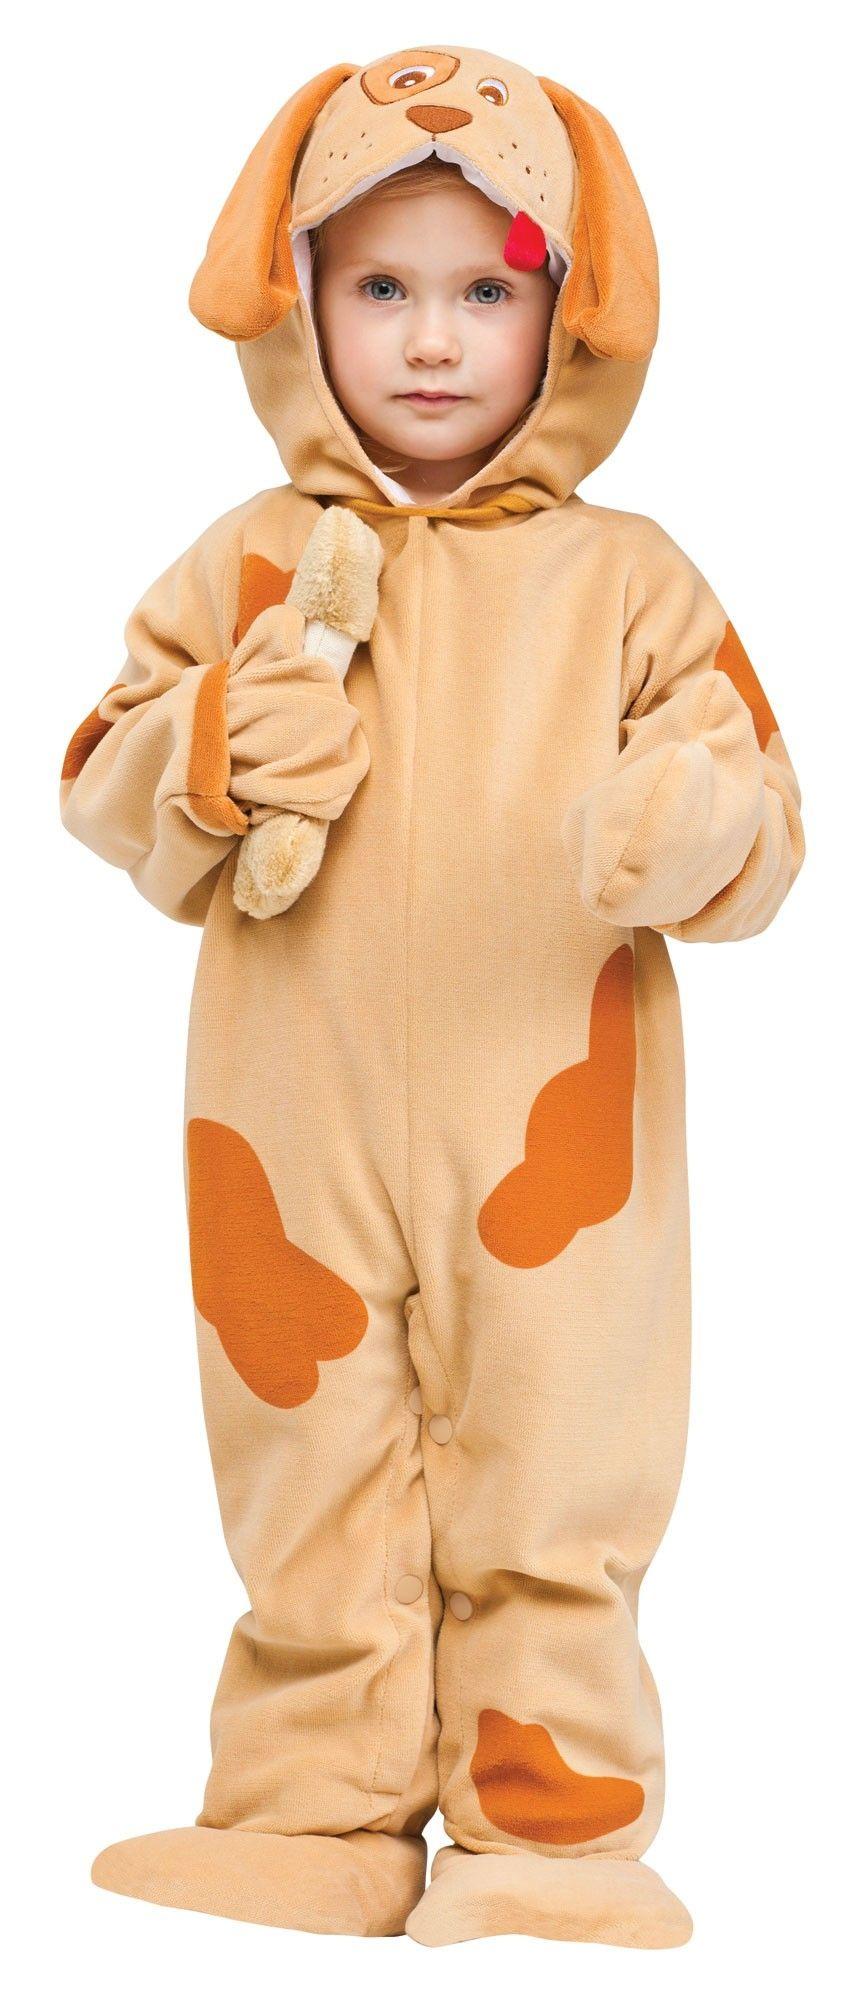 Детский костюм Игривого щенка (20-22) купить щенка померанского шпица в зеленограде